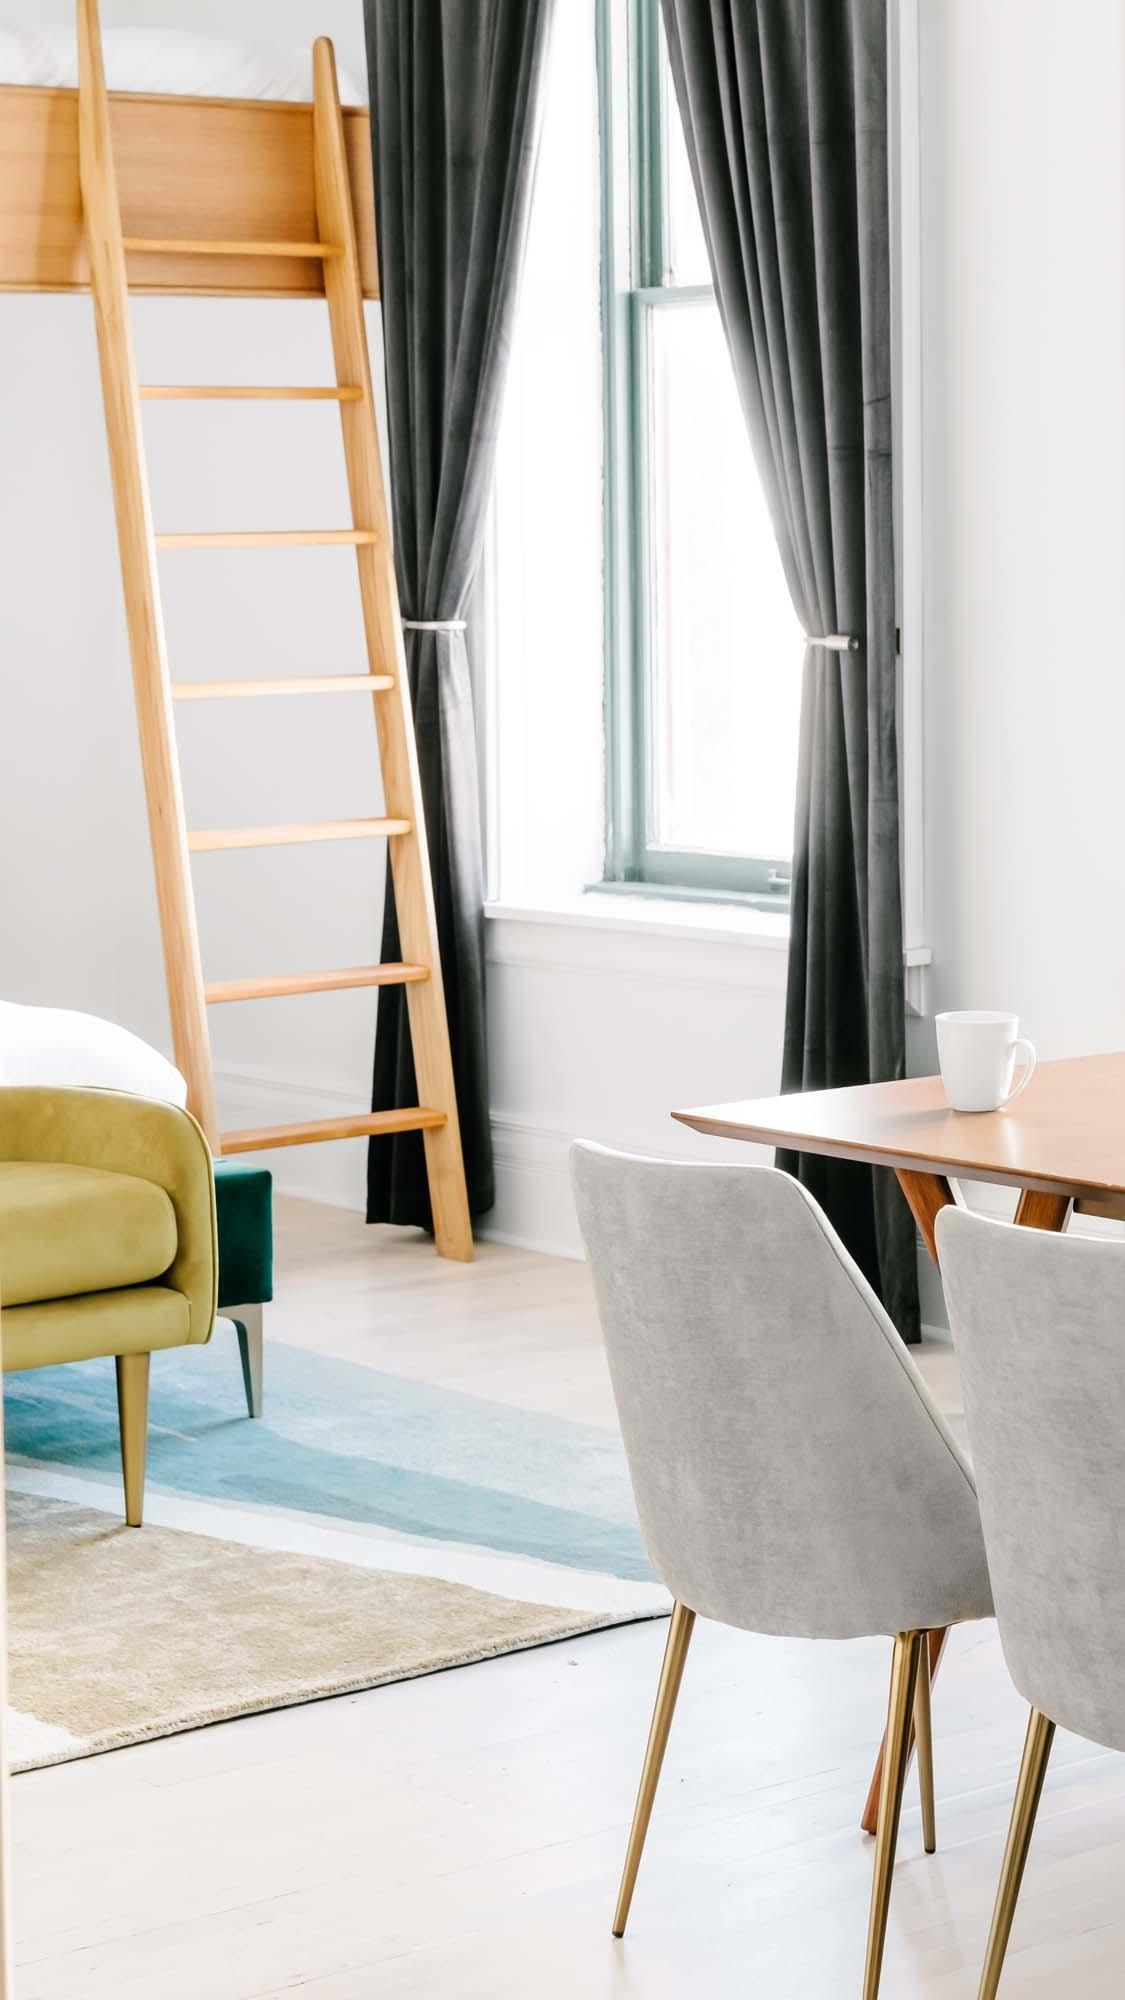 20190317-Wyman Hotel-01